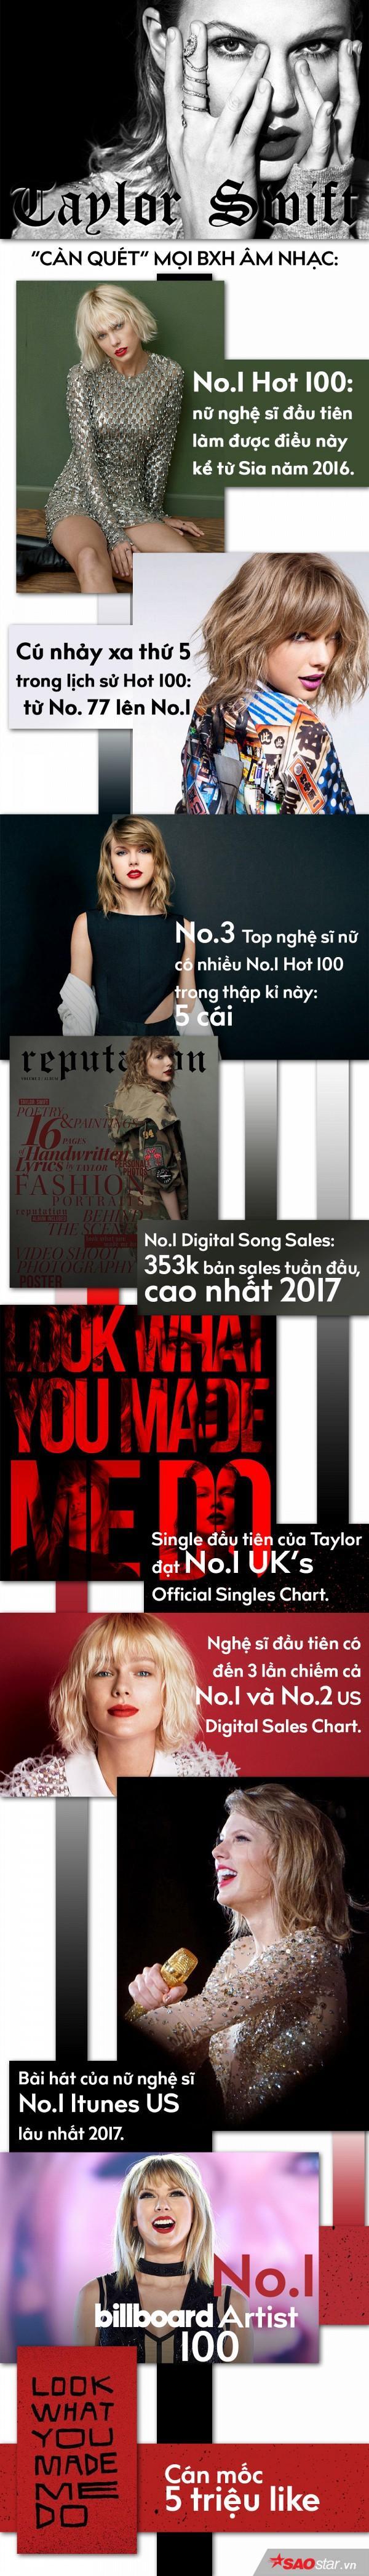 Infographic: Chỉ với 'Look What You Made Me Do', nữ hoàng kỉ lục gọi tên Taylor Swift-2